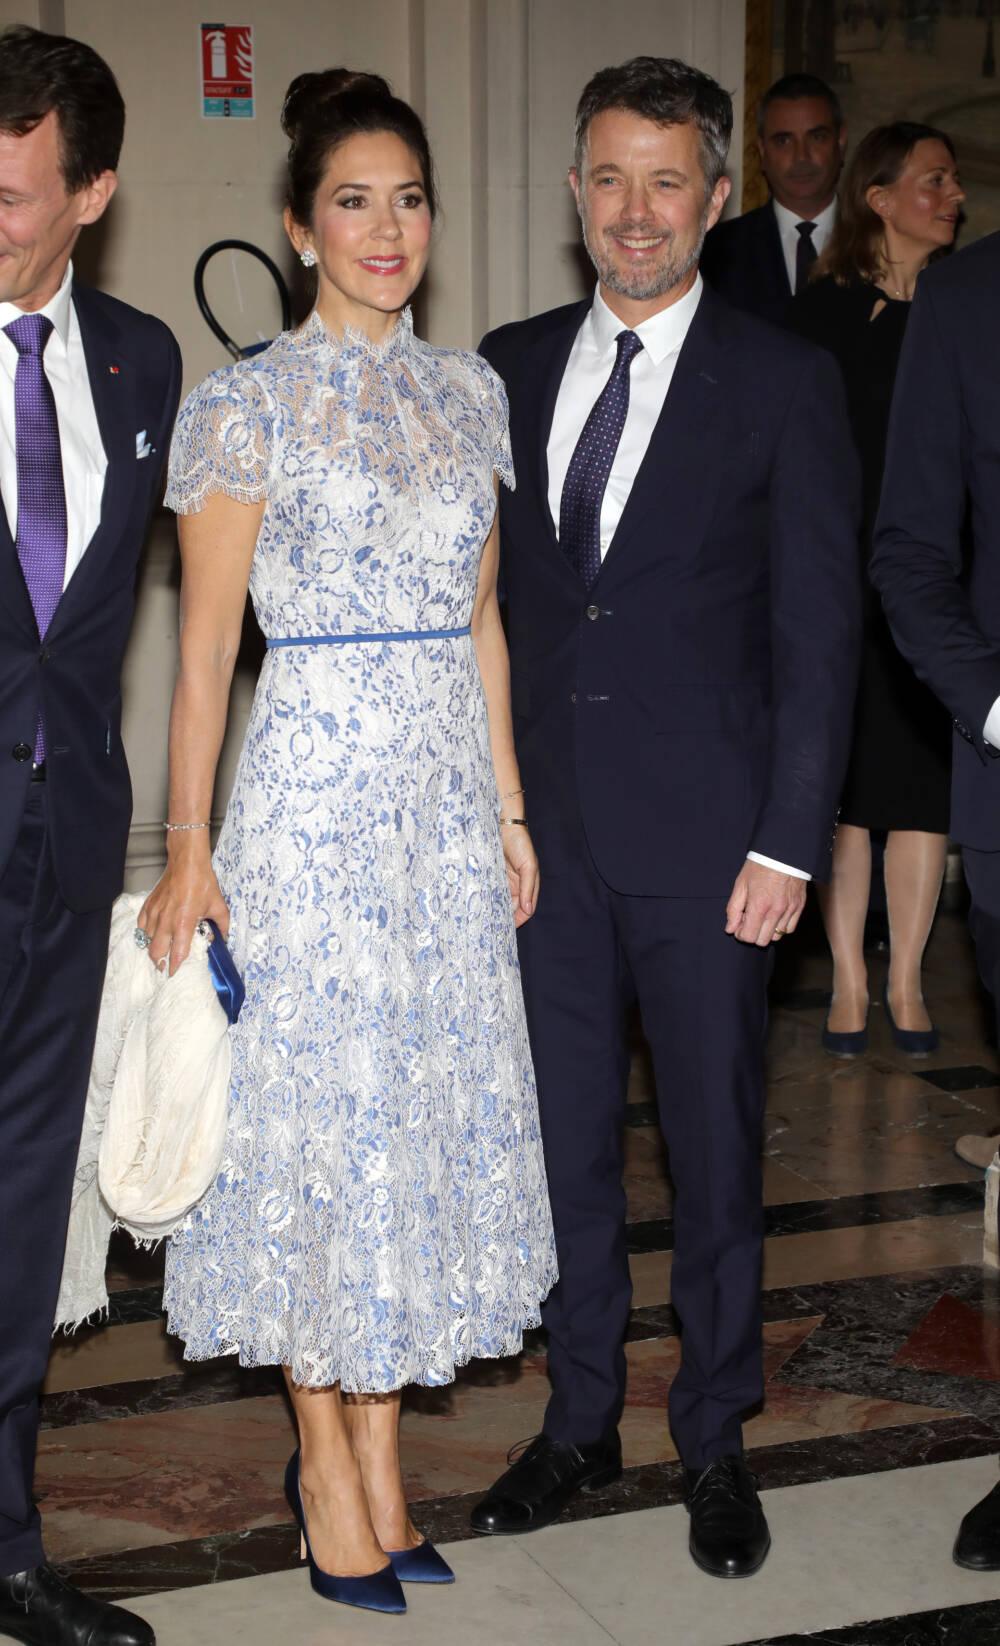 Kronprinzessin Mary und ronprinz Frederik von Dänemark in Paris